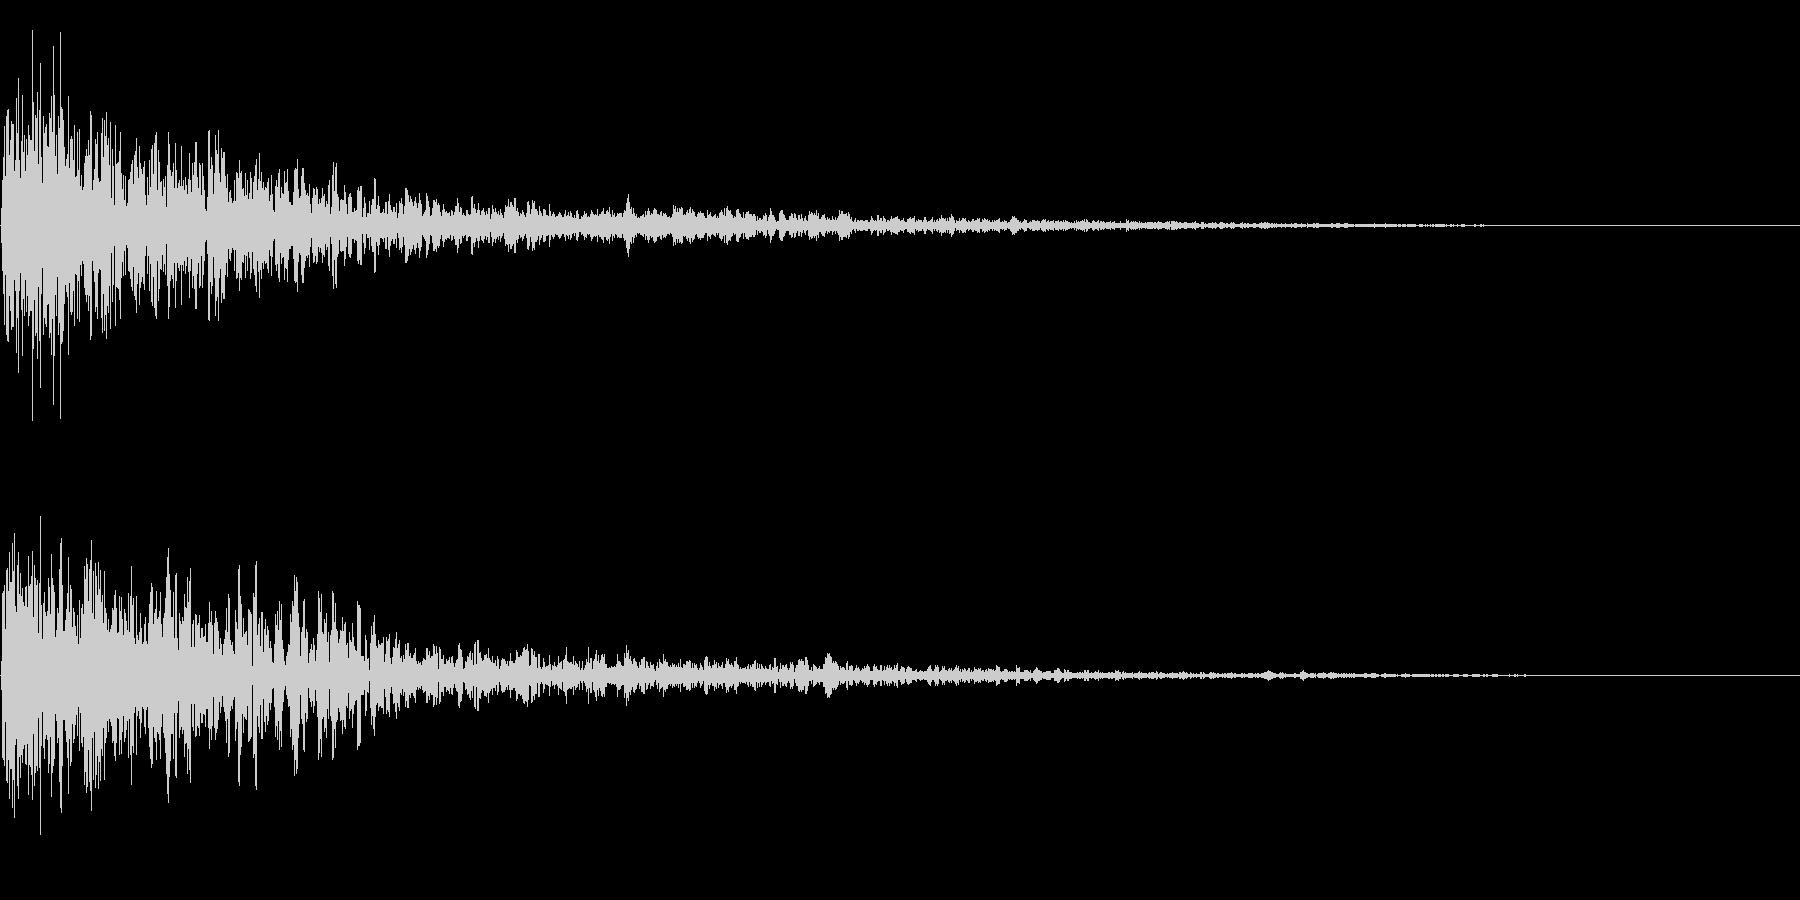 ドーン衝撃音ホラーサスペンスに最適のSEの未再生の波形